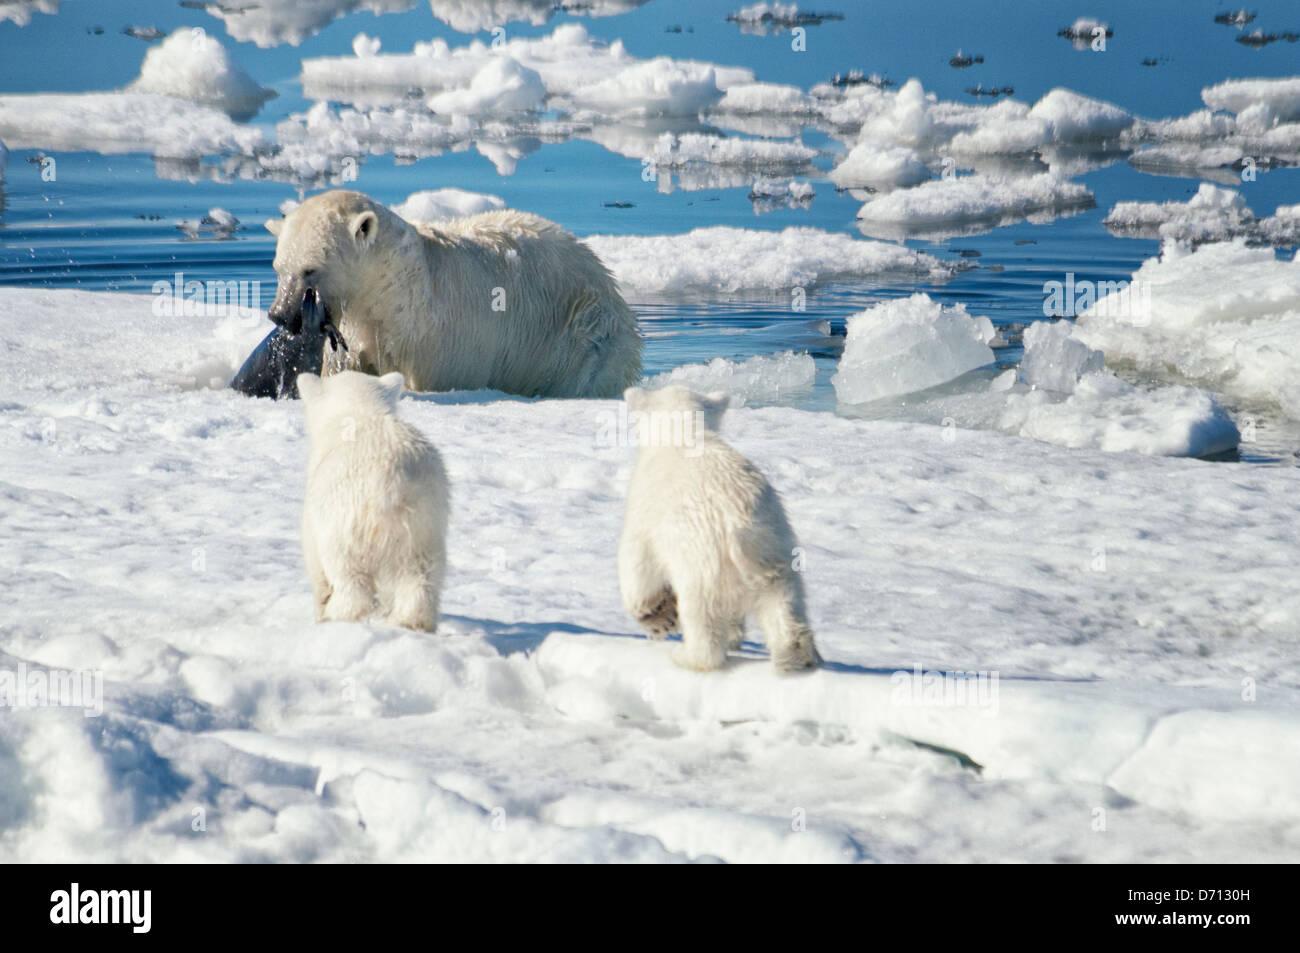 #4 in einer Reihe von zehn Bildern einer Mutter Eisbär Ursus Maritimus, stalking eine Dichtung zu füttern Stockbild